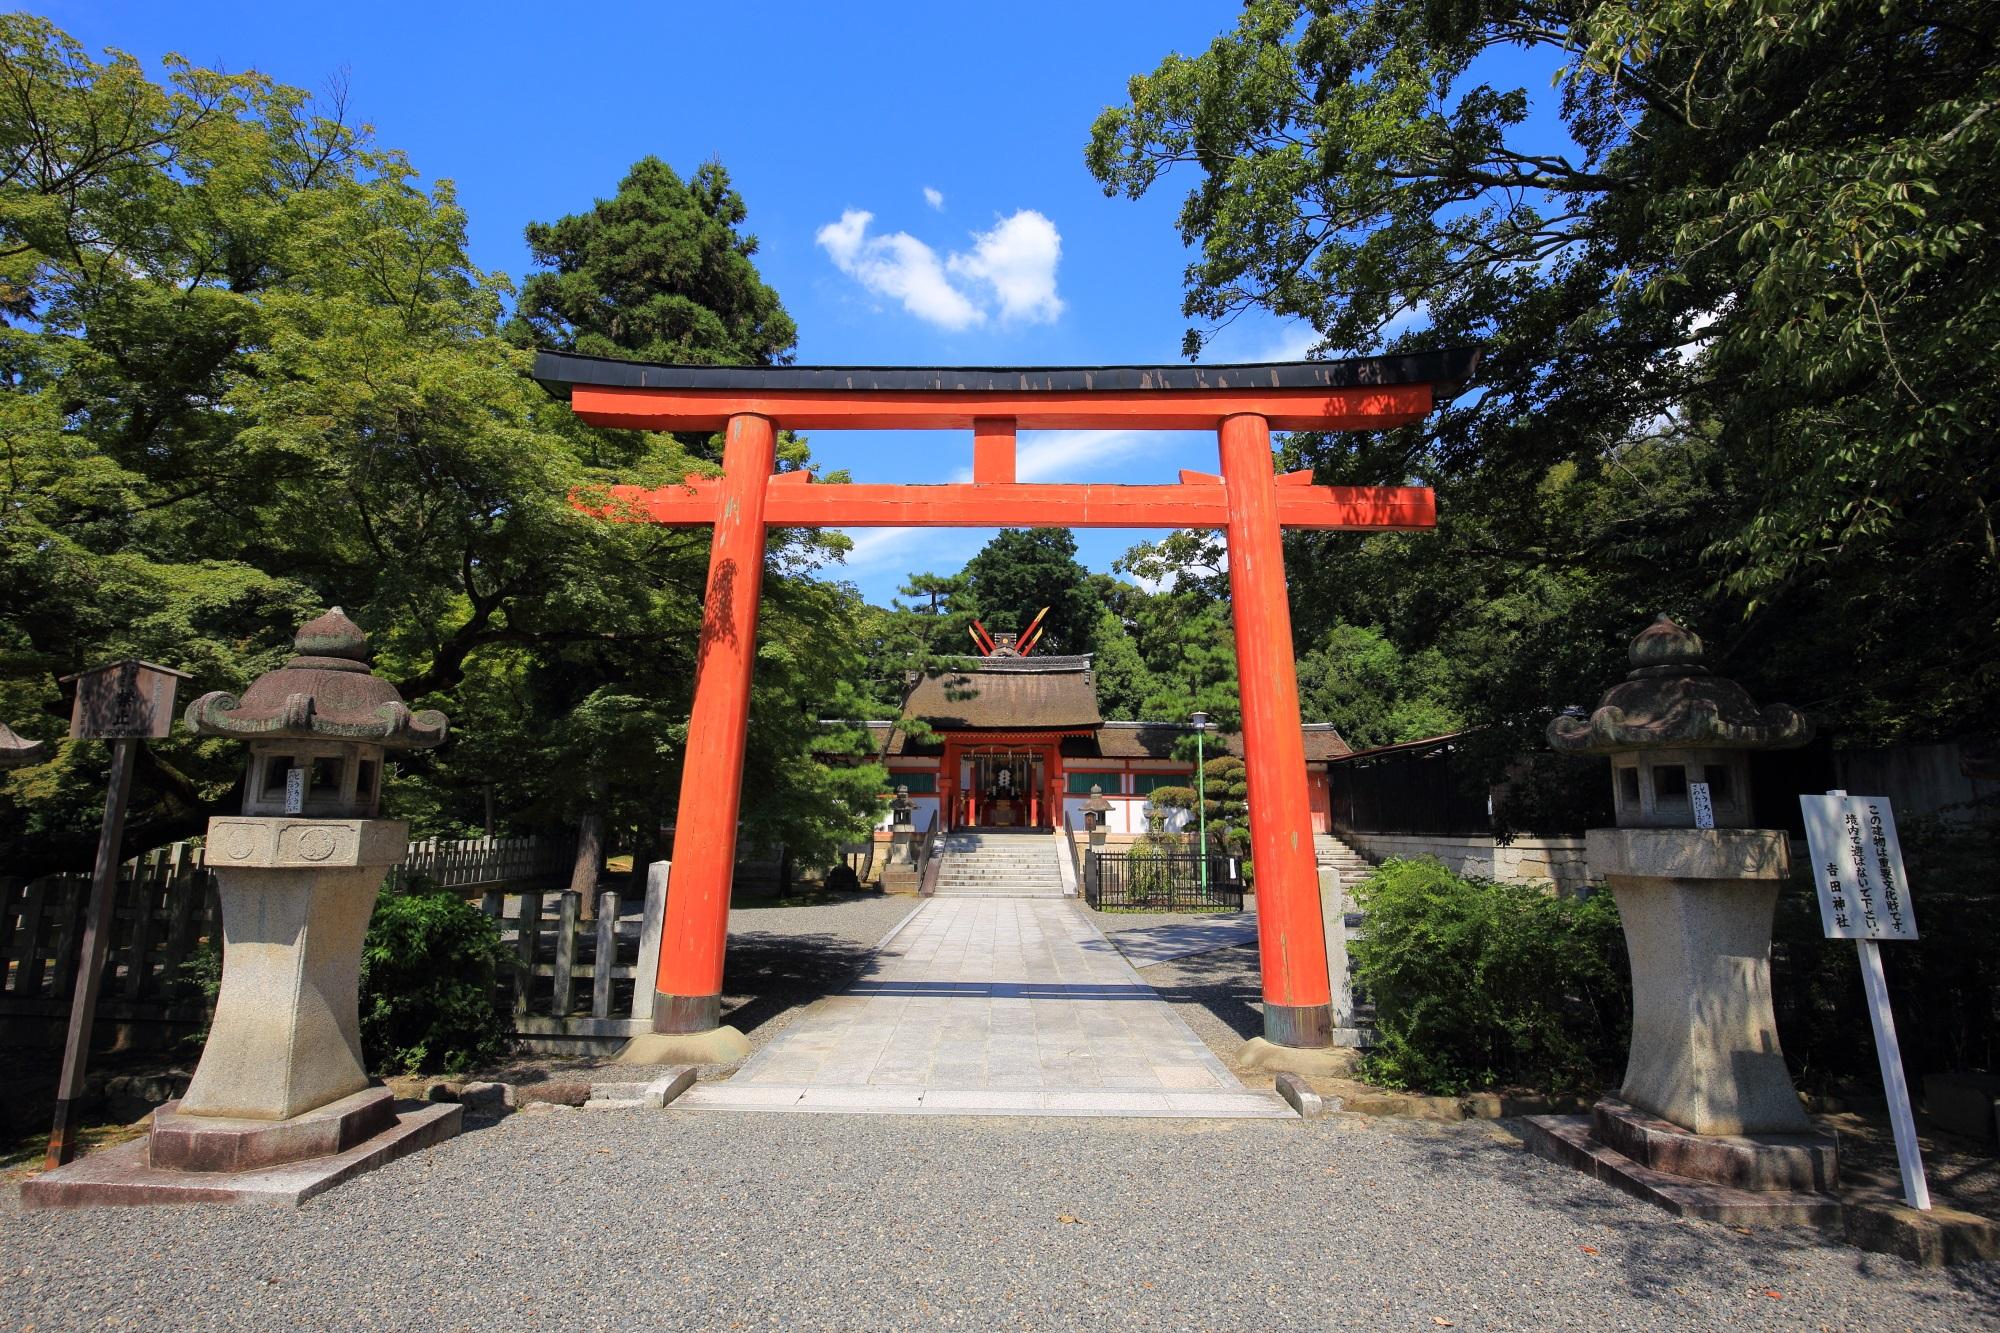 吉田神社末社の斎場所大元宮の鳥居